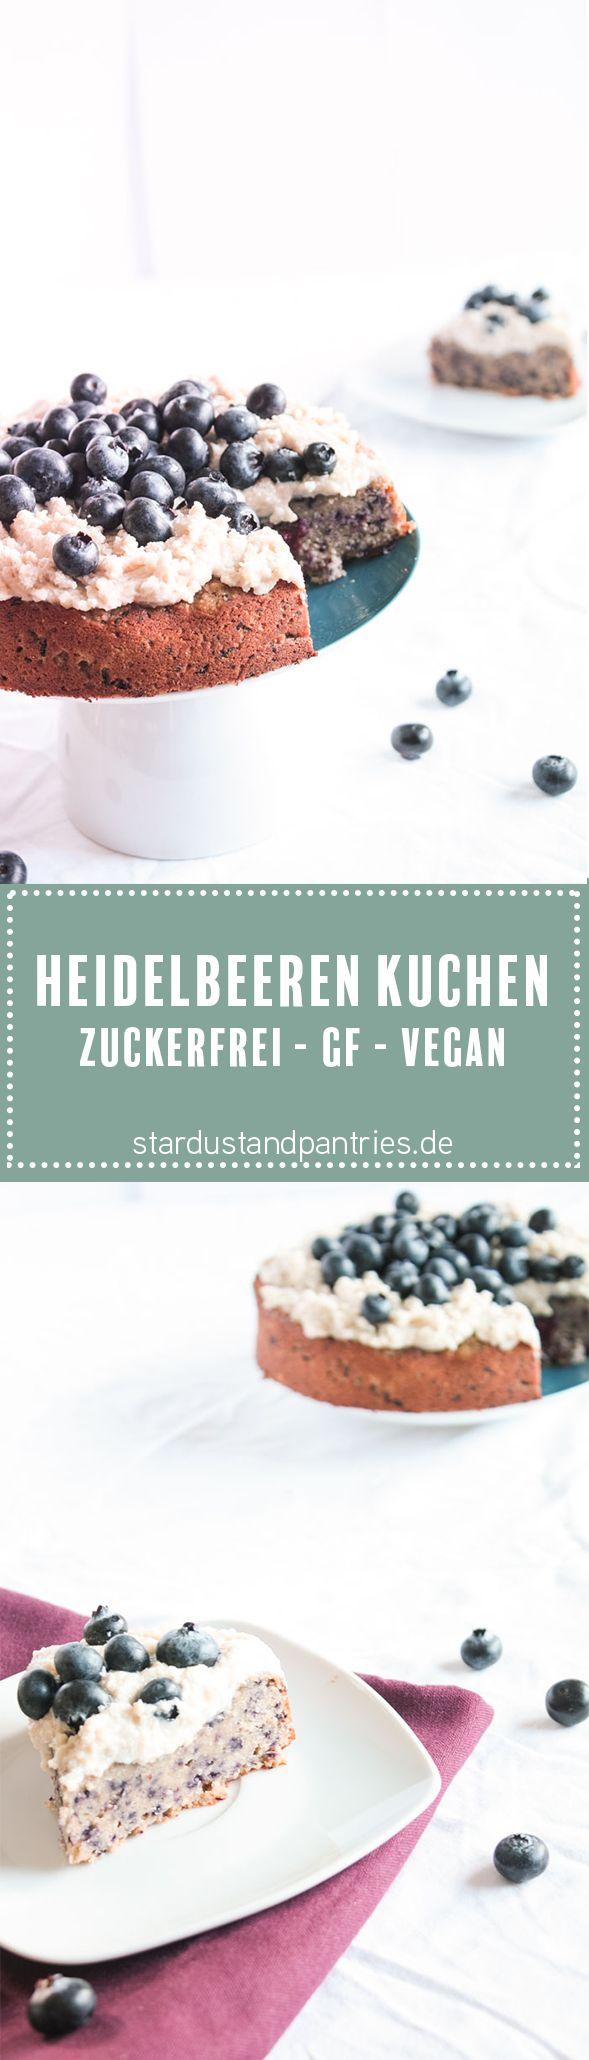 Zuckerfrei backen- gesunde und leckere Alternative für Naschkatzen_ Dieser Heiderlbeeren Kuchen ist vegan, glutenfrei und zuckerfrei und trotzdem sehr lecker